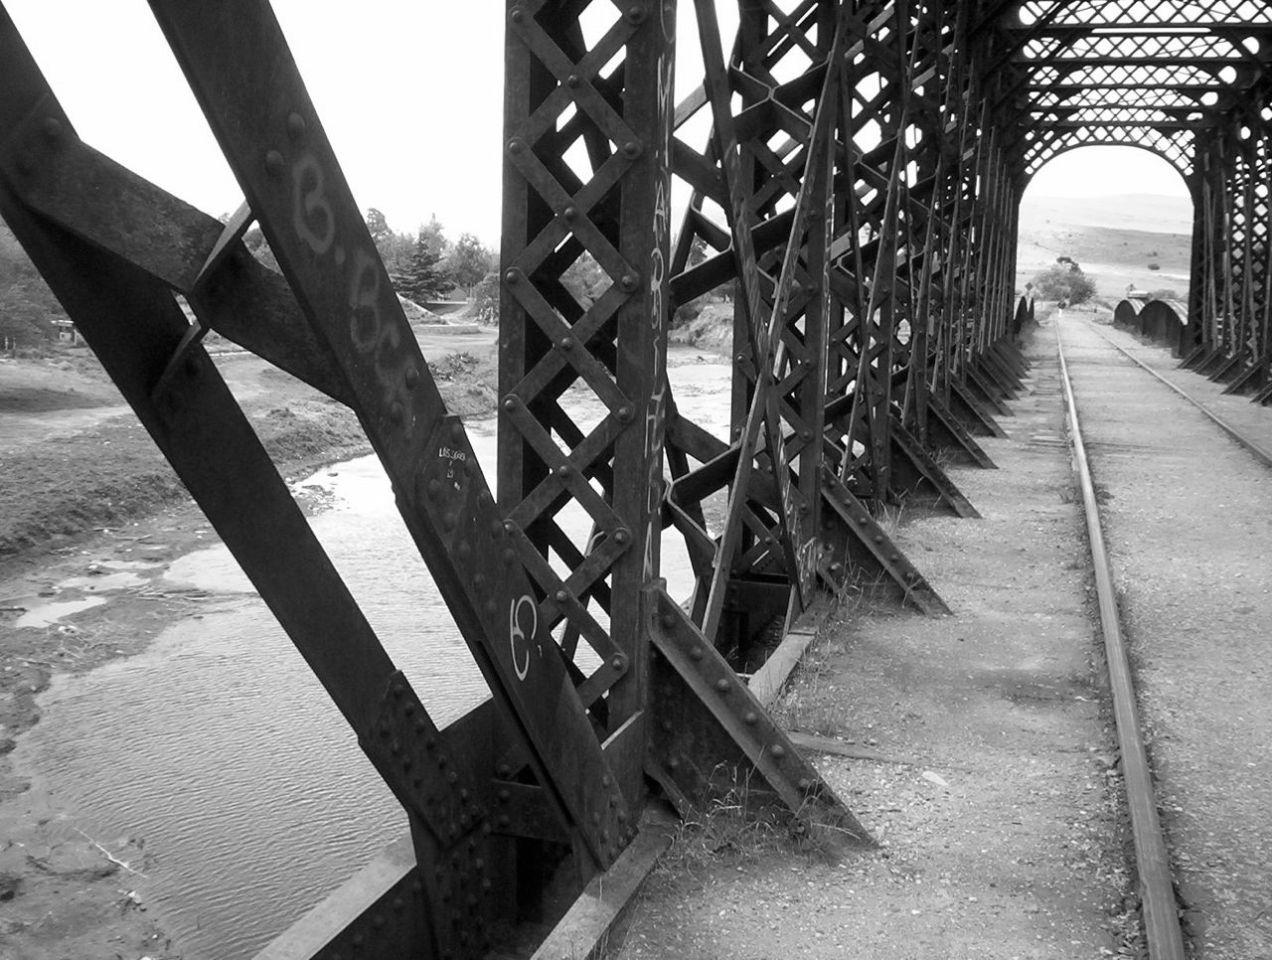 Puente Olvidado